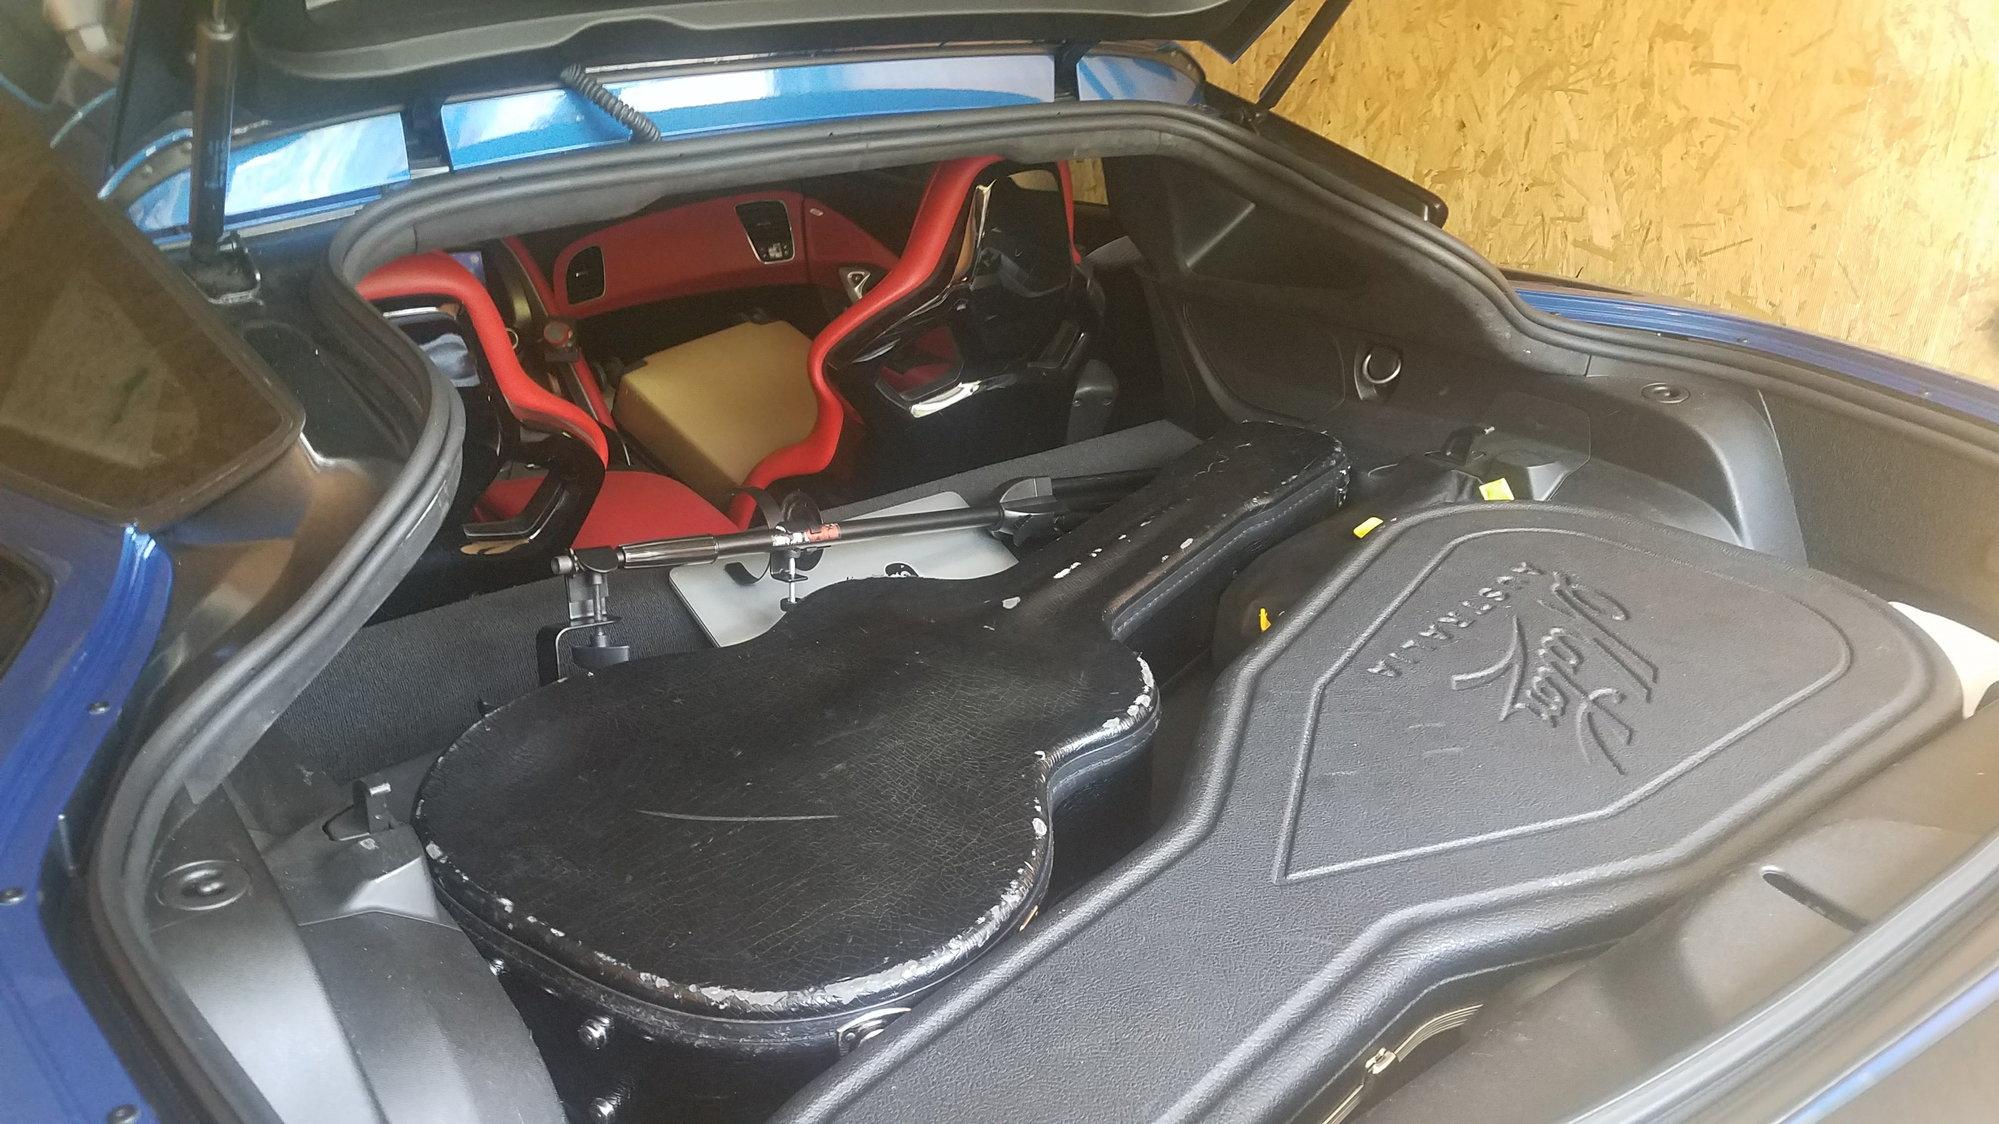 C7 trunk vs GT - CorvetteForum - Chevrolet Corvette Forum Discussion d74cbbedcf